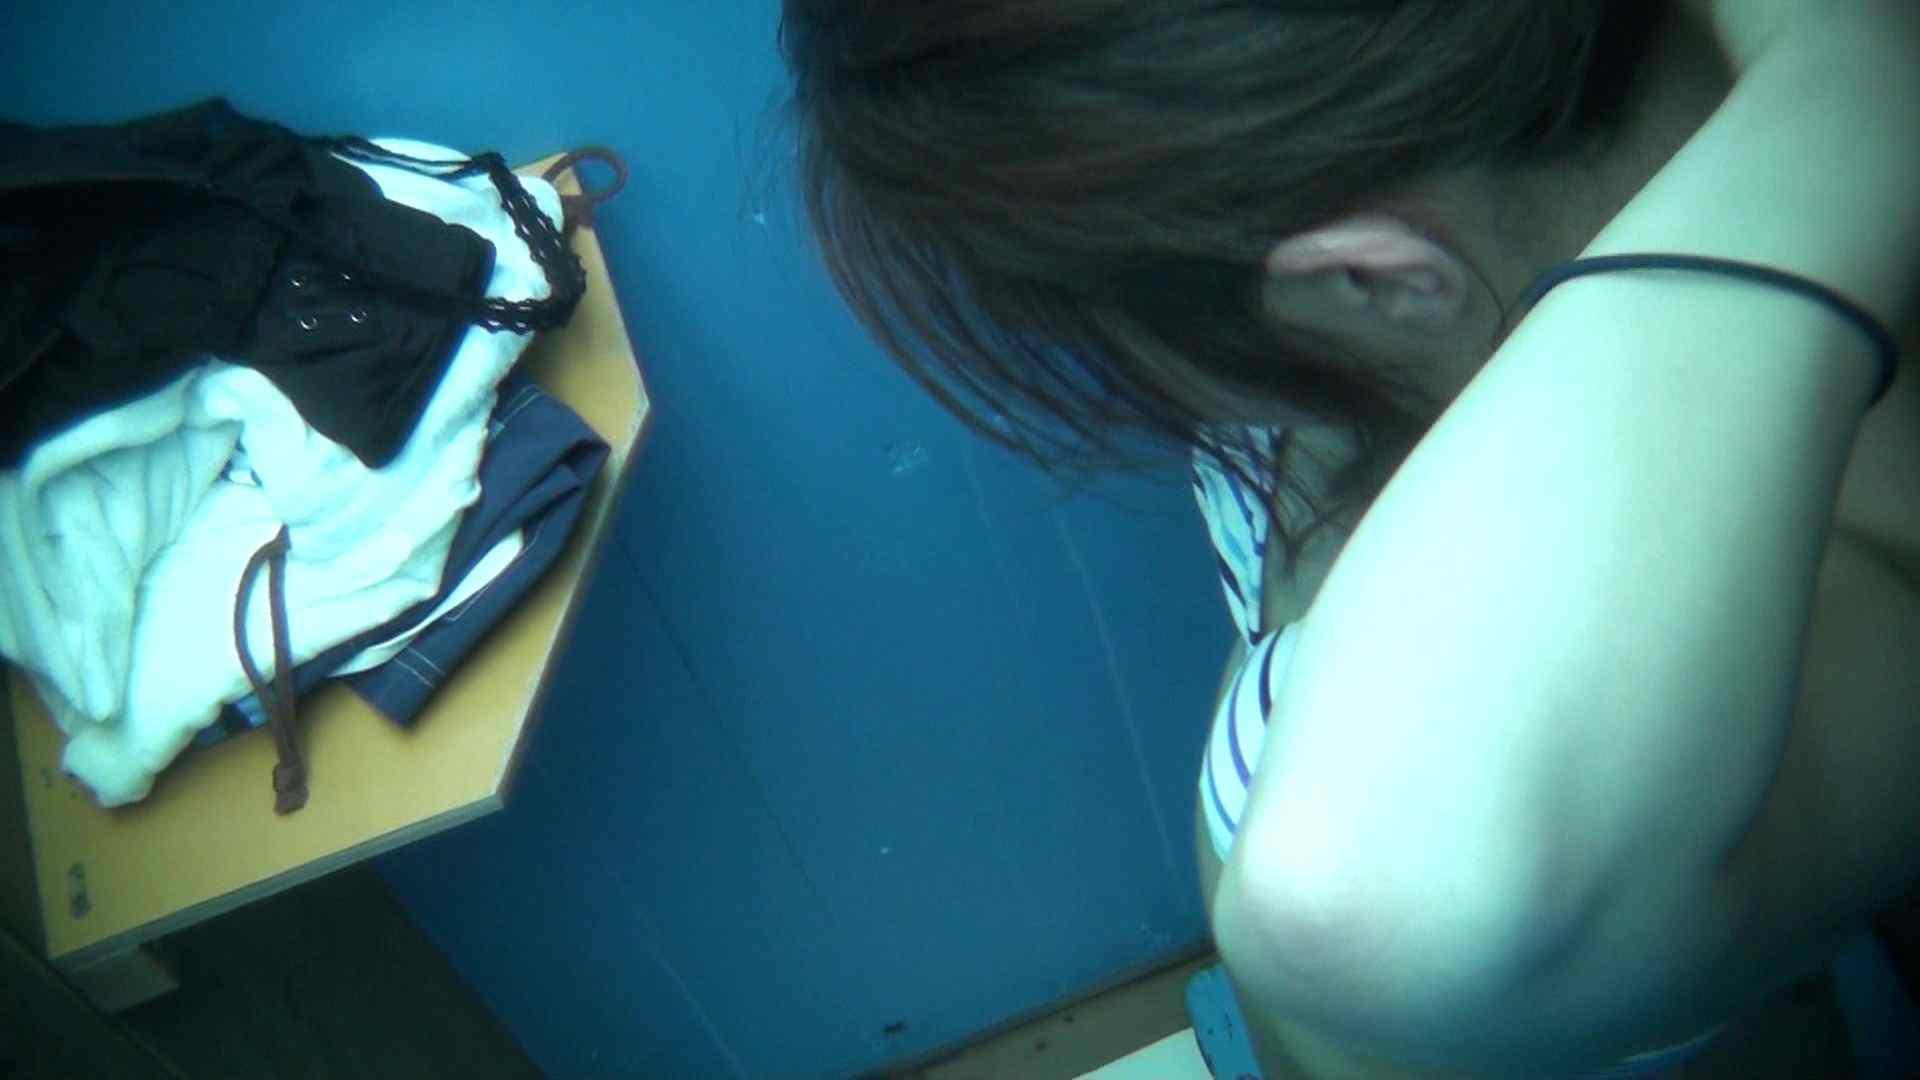 シャワールームは超!!危険な香りVol.27 乳首は一瞬貧乳姉さん 貧乳  103pic 60